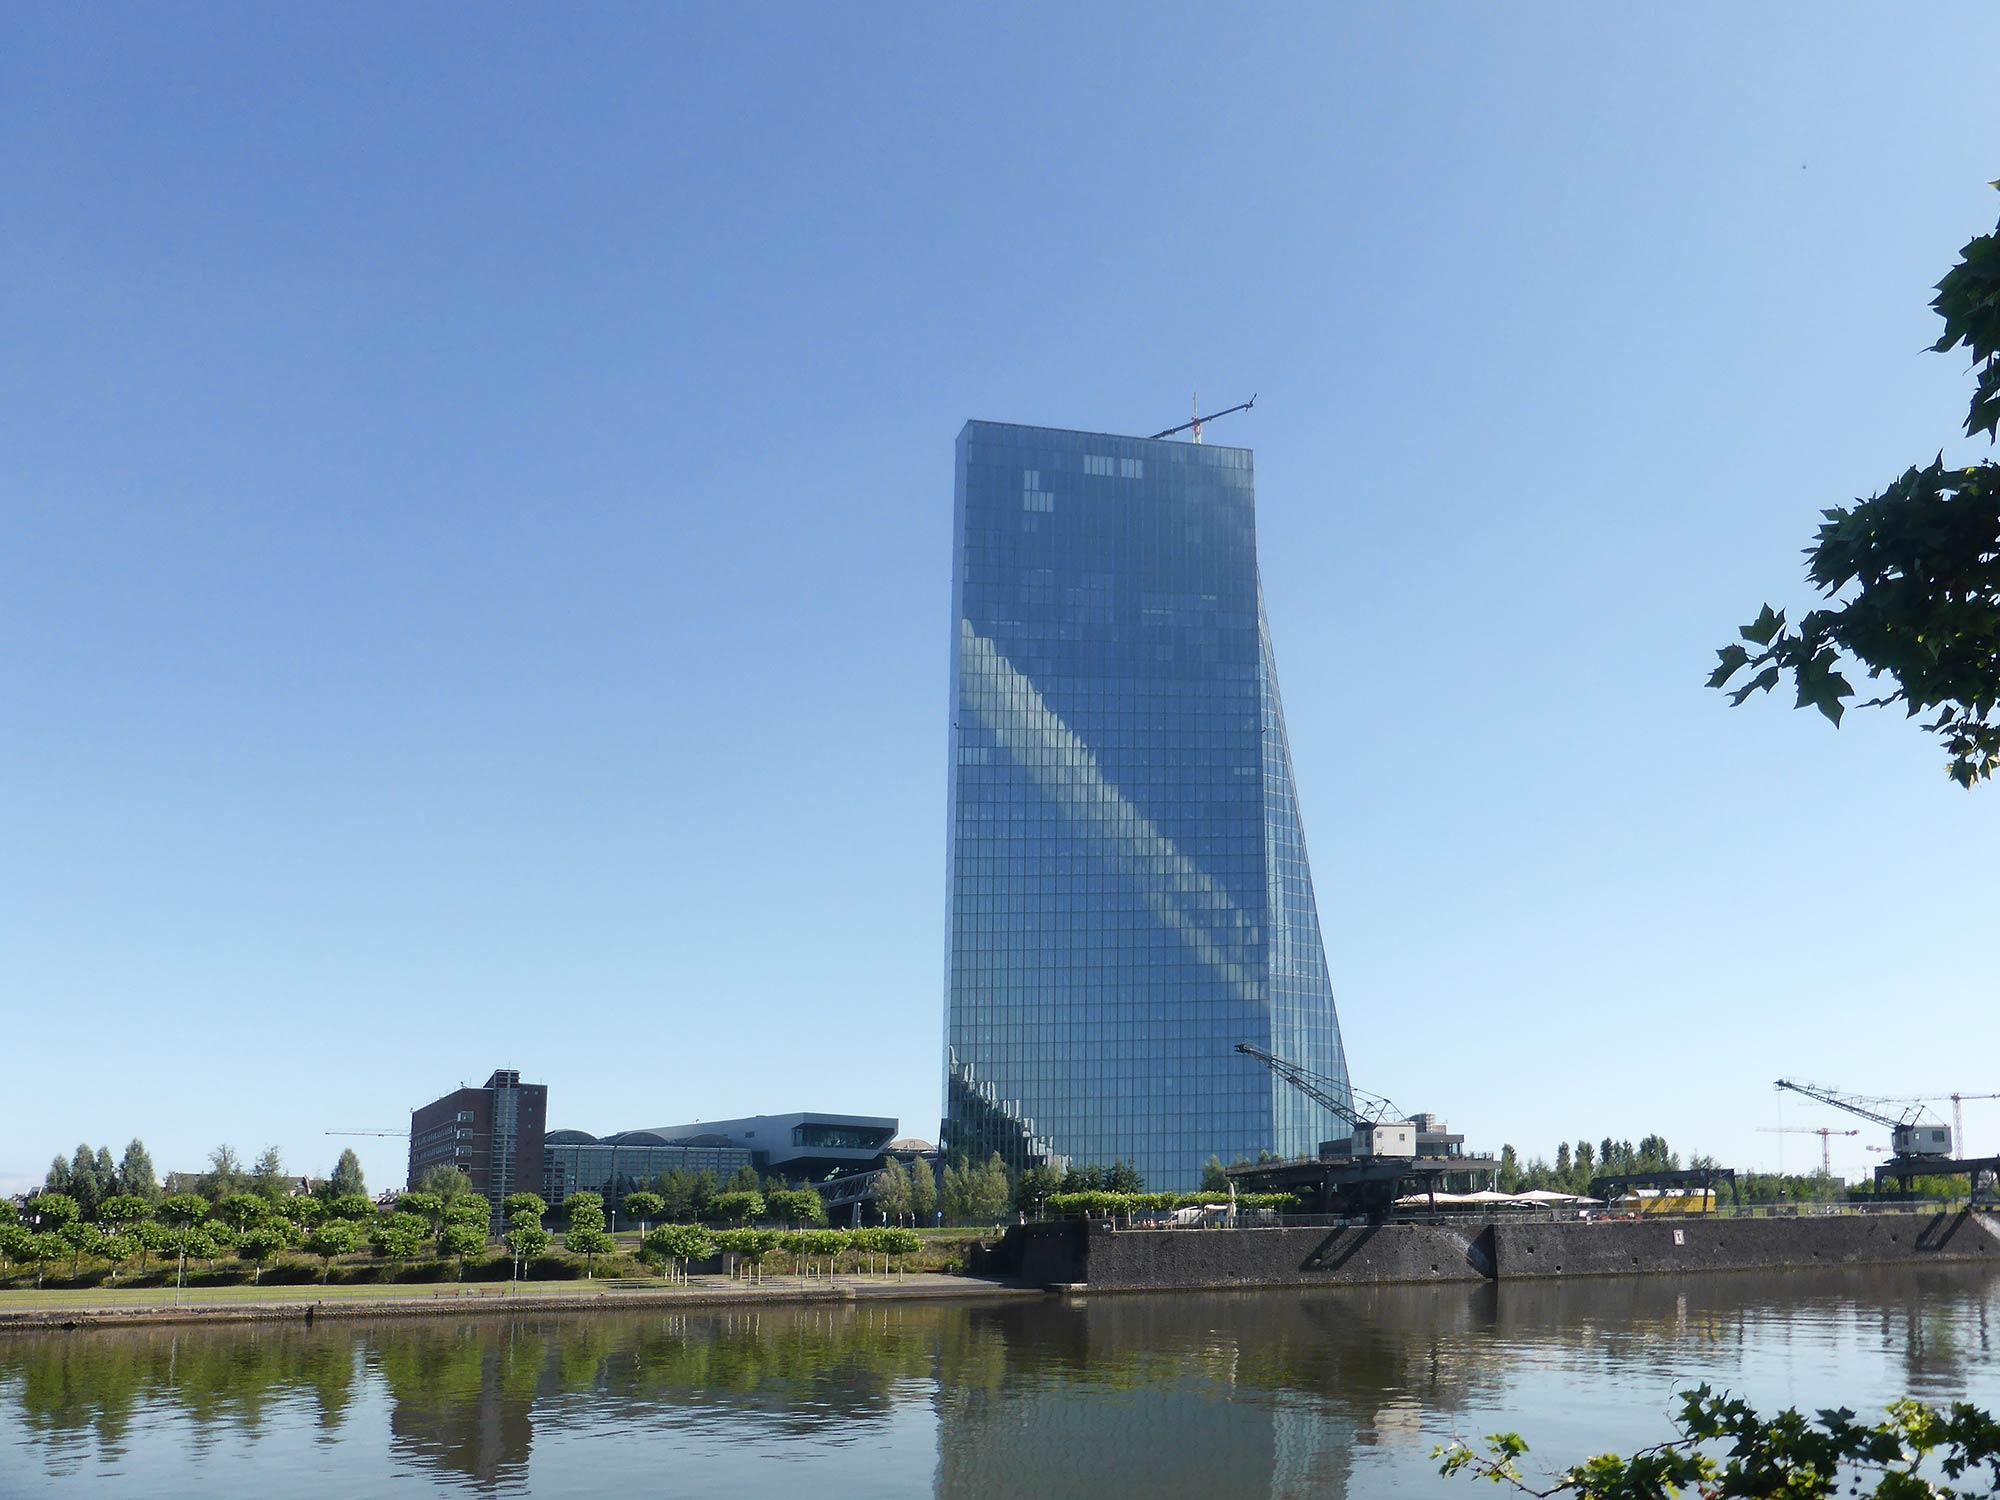 EZB-Hochhaus Frankfurt a.M. - EZB Sitz - Europ. Zentralbank Wolkenkratzer - Skytower FFM